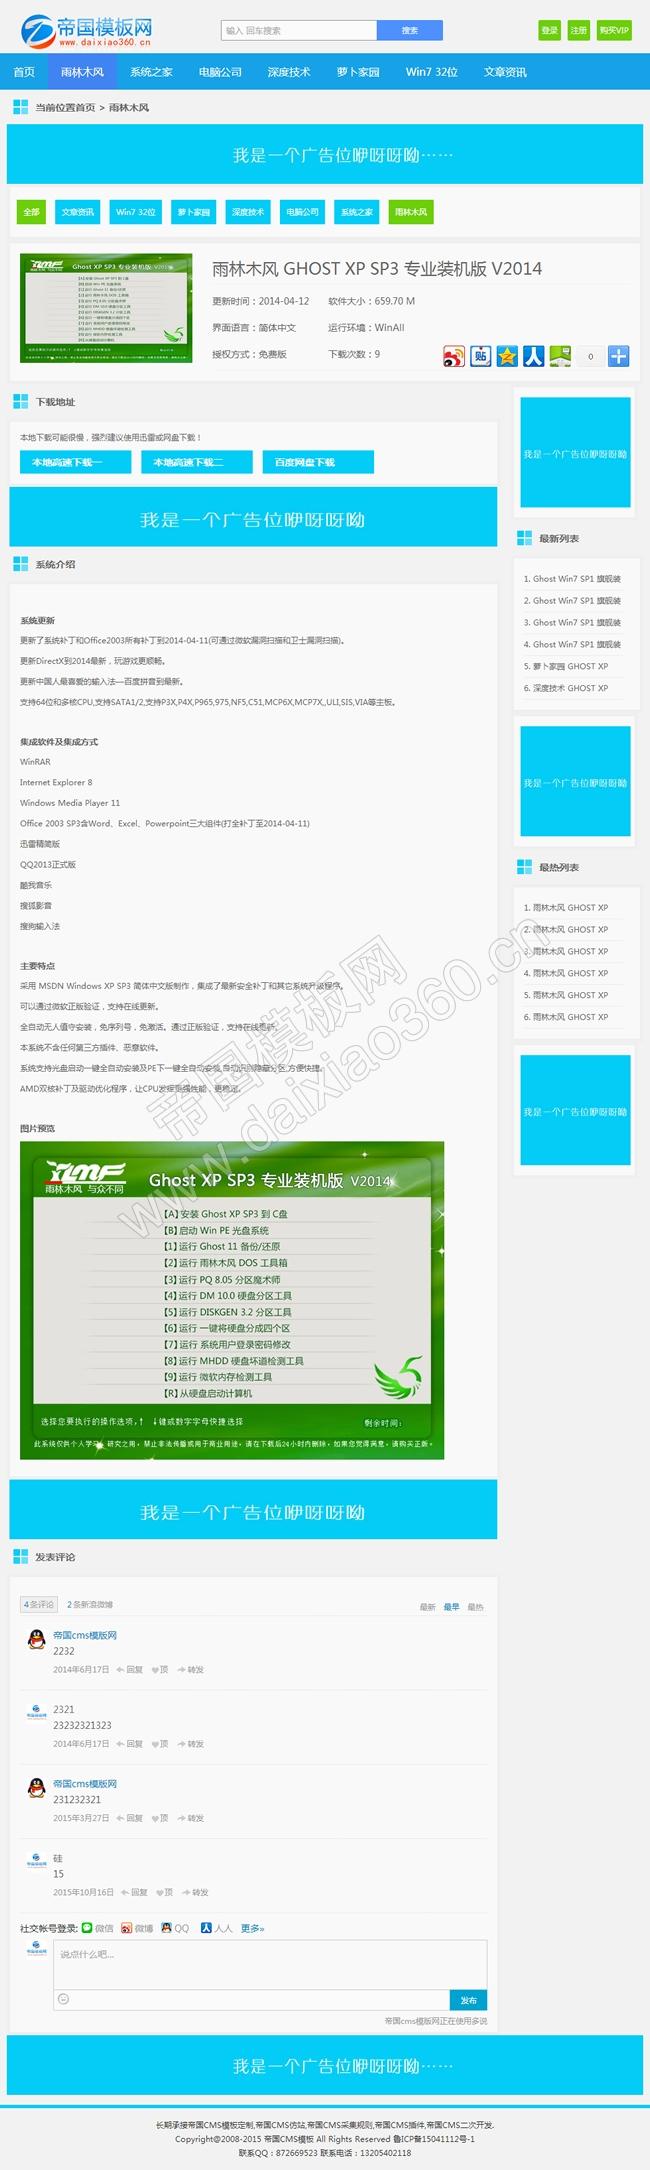 帝国cms蓝色电脑系统下载站源码加文章资讯模板_下载内容